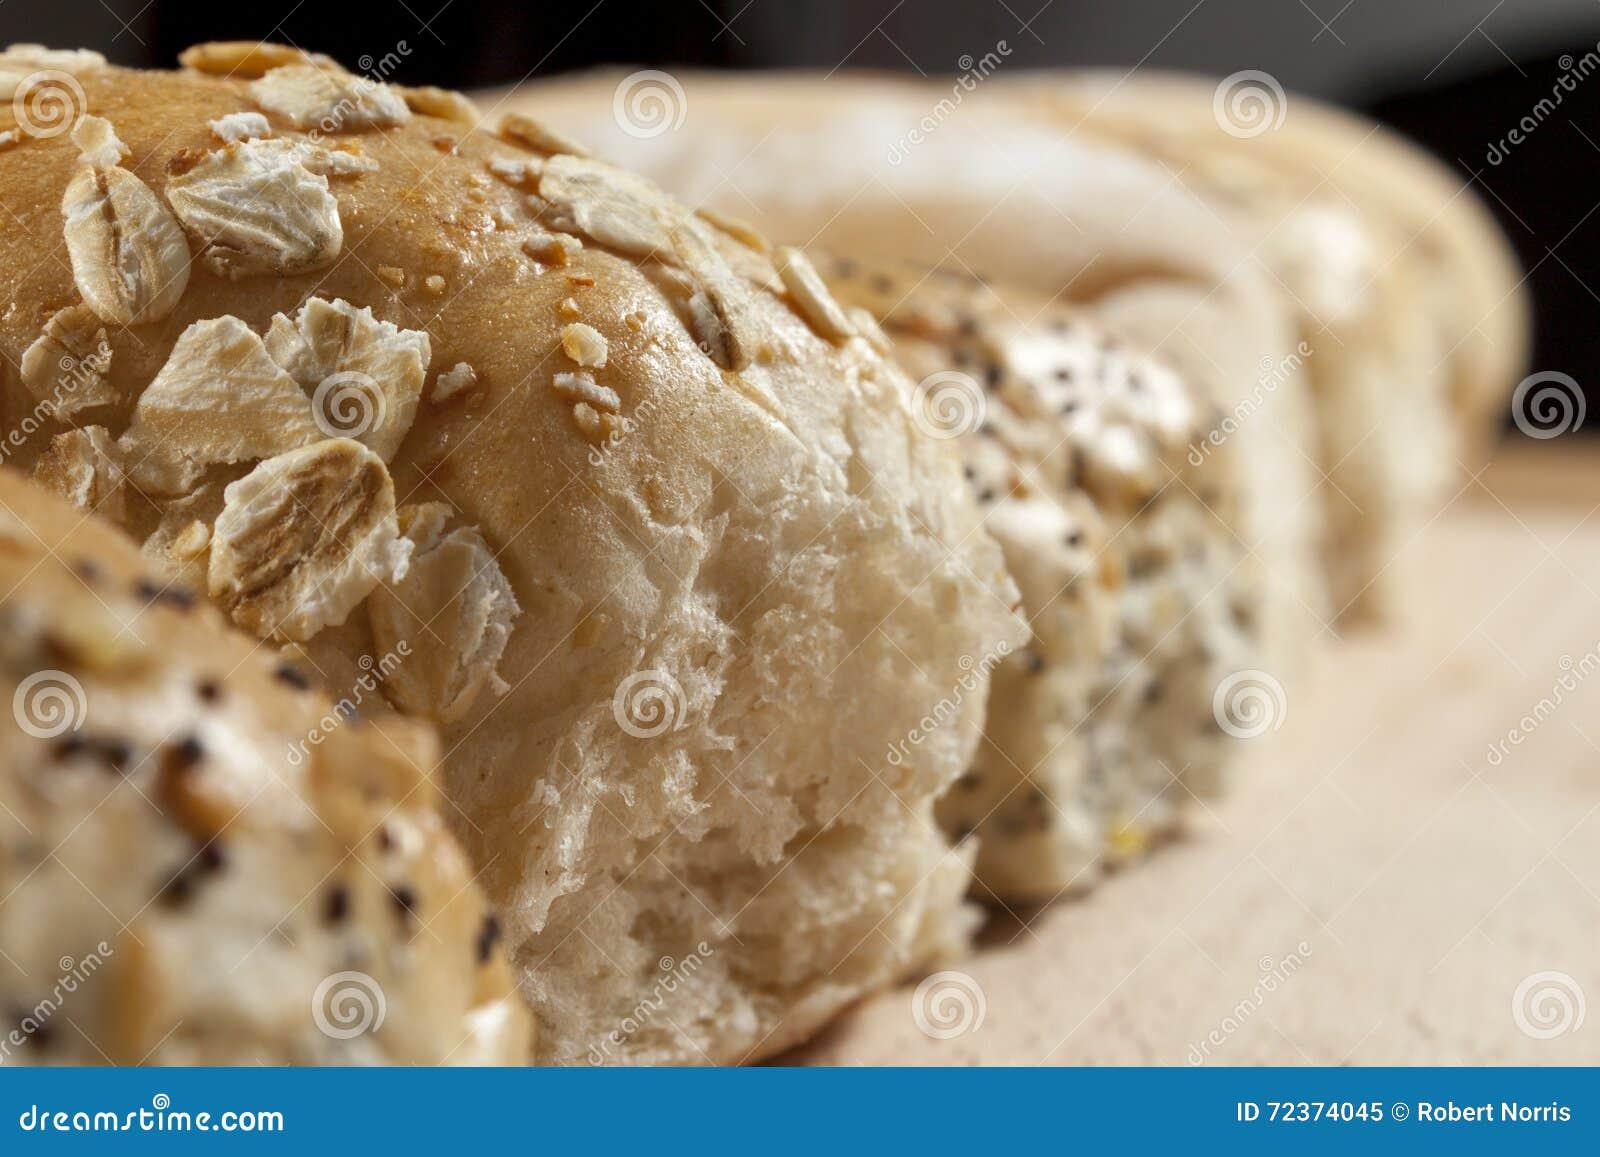 燕麦粥和排名的卷行的近景